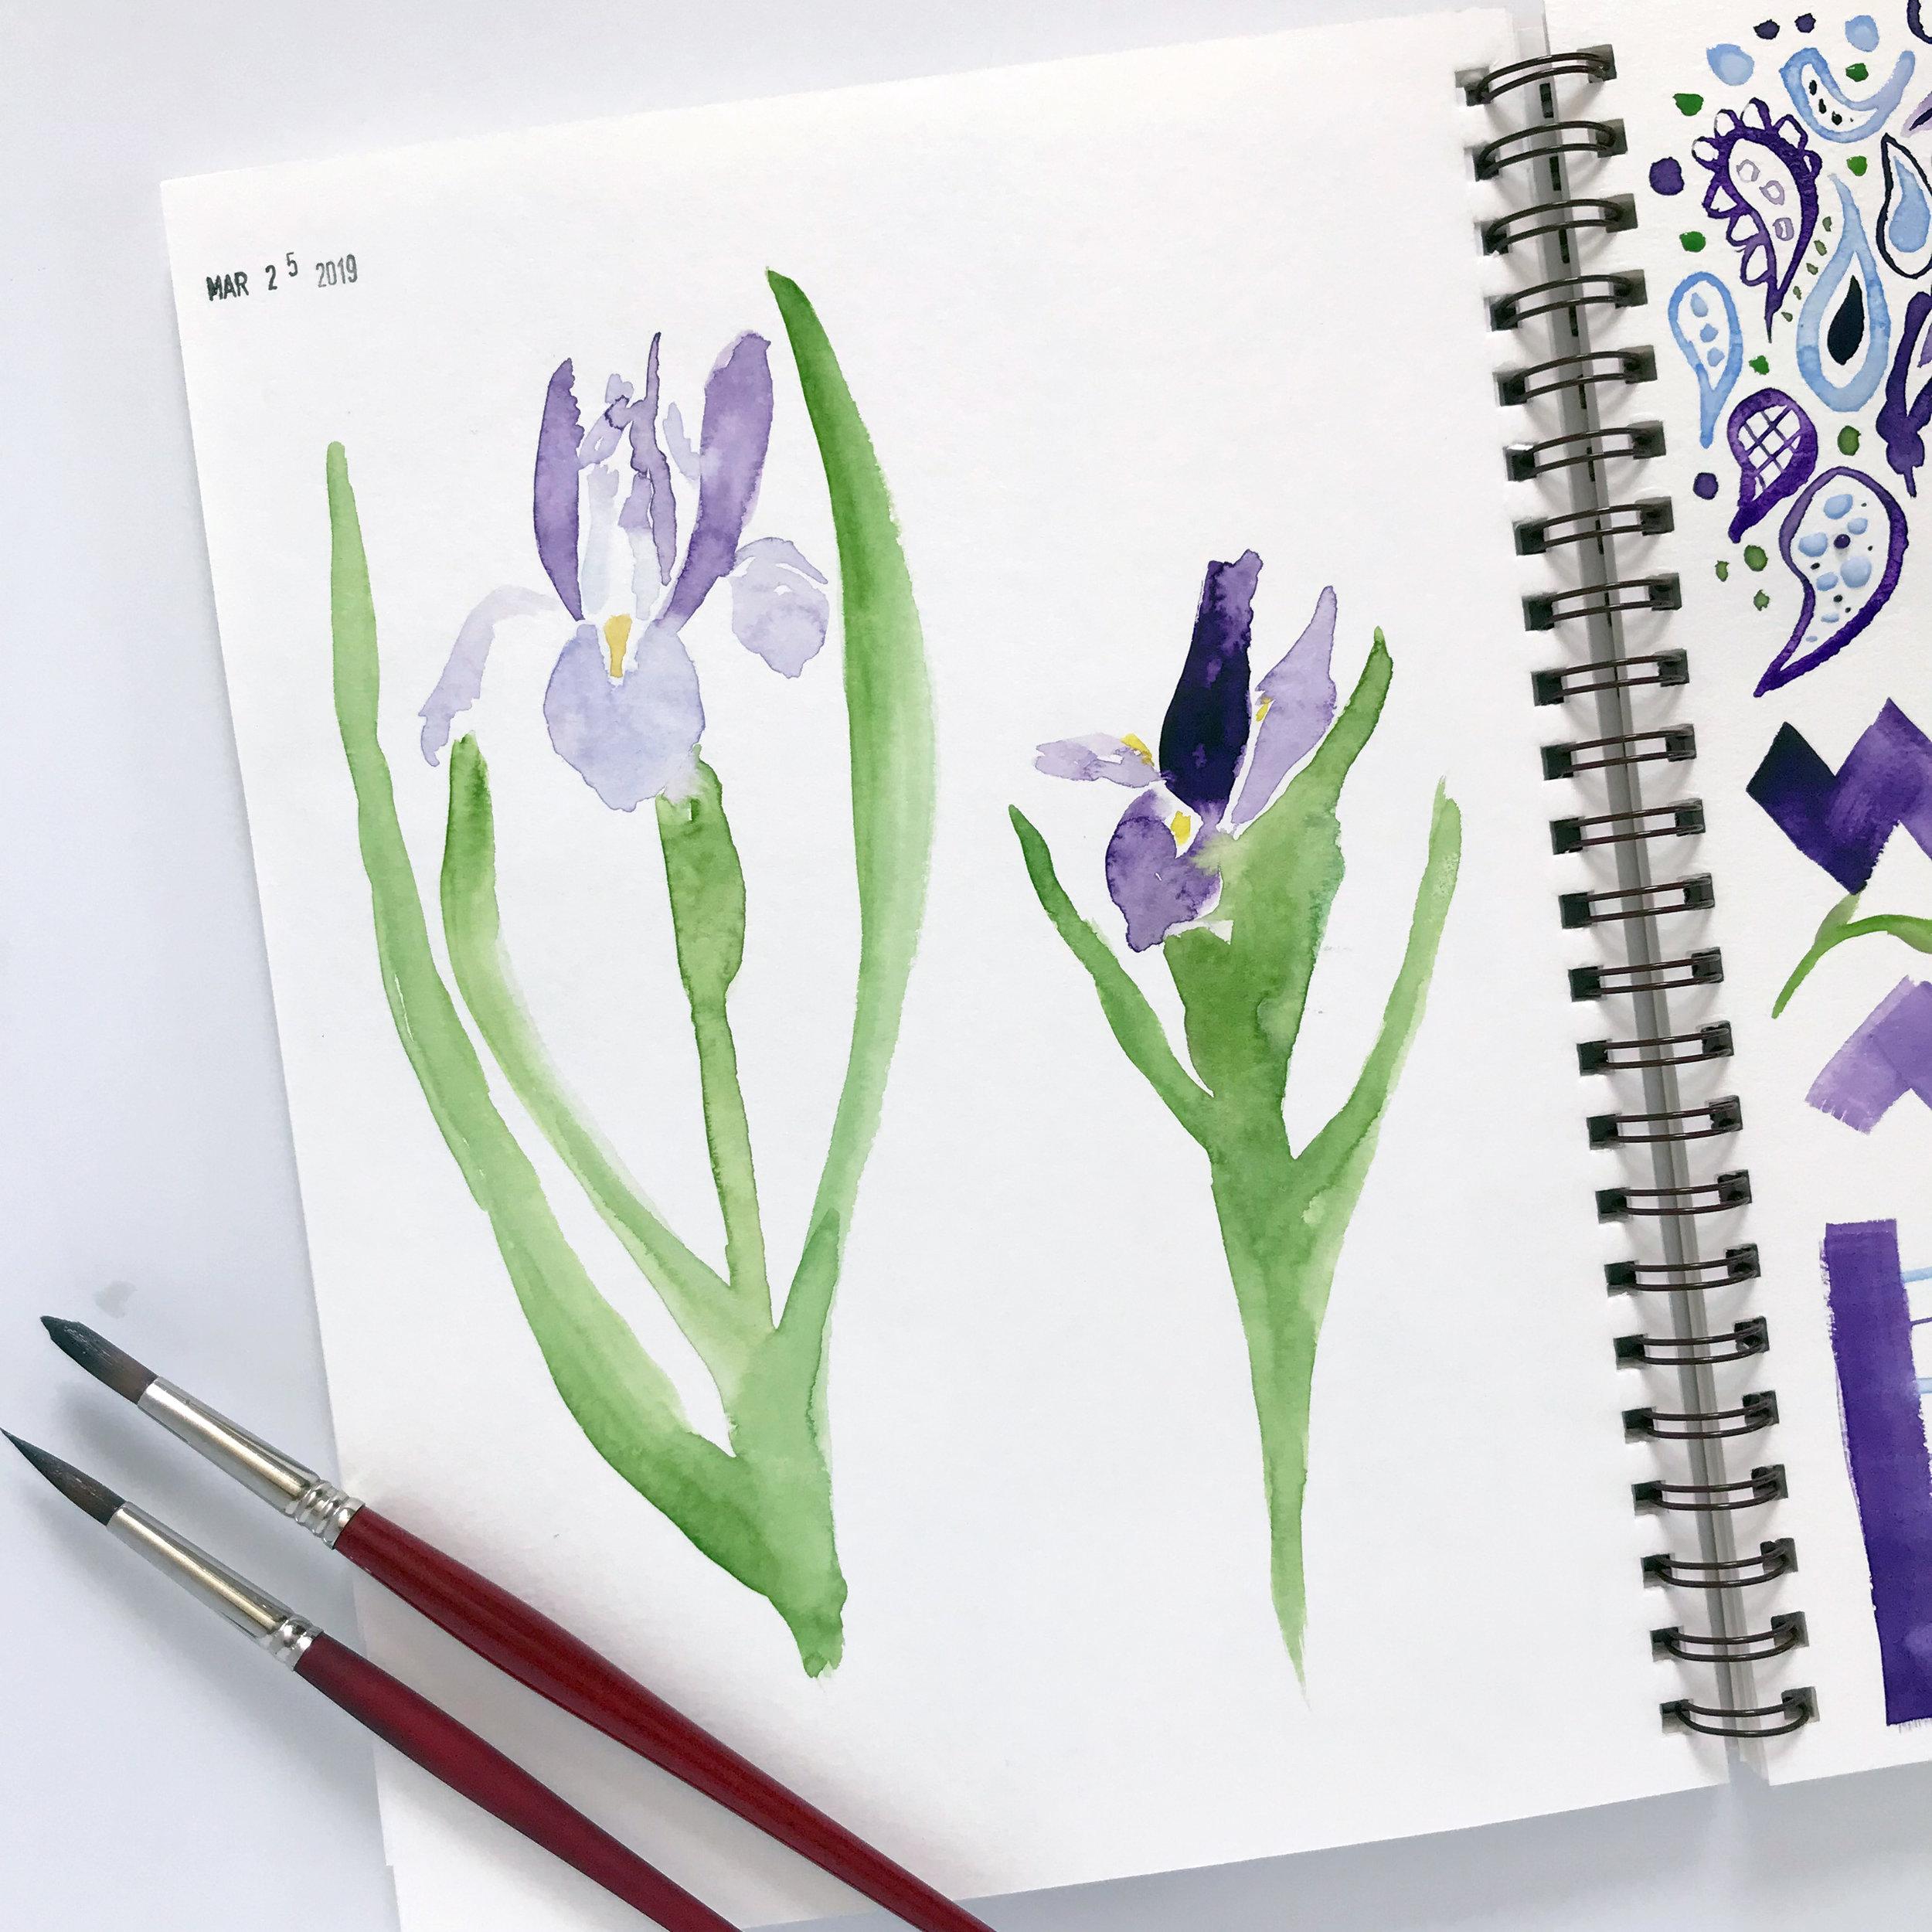 Loose, Messy Iris Flowers Painted with Kuretake Watercolors in My Sketchbook